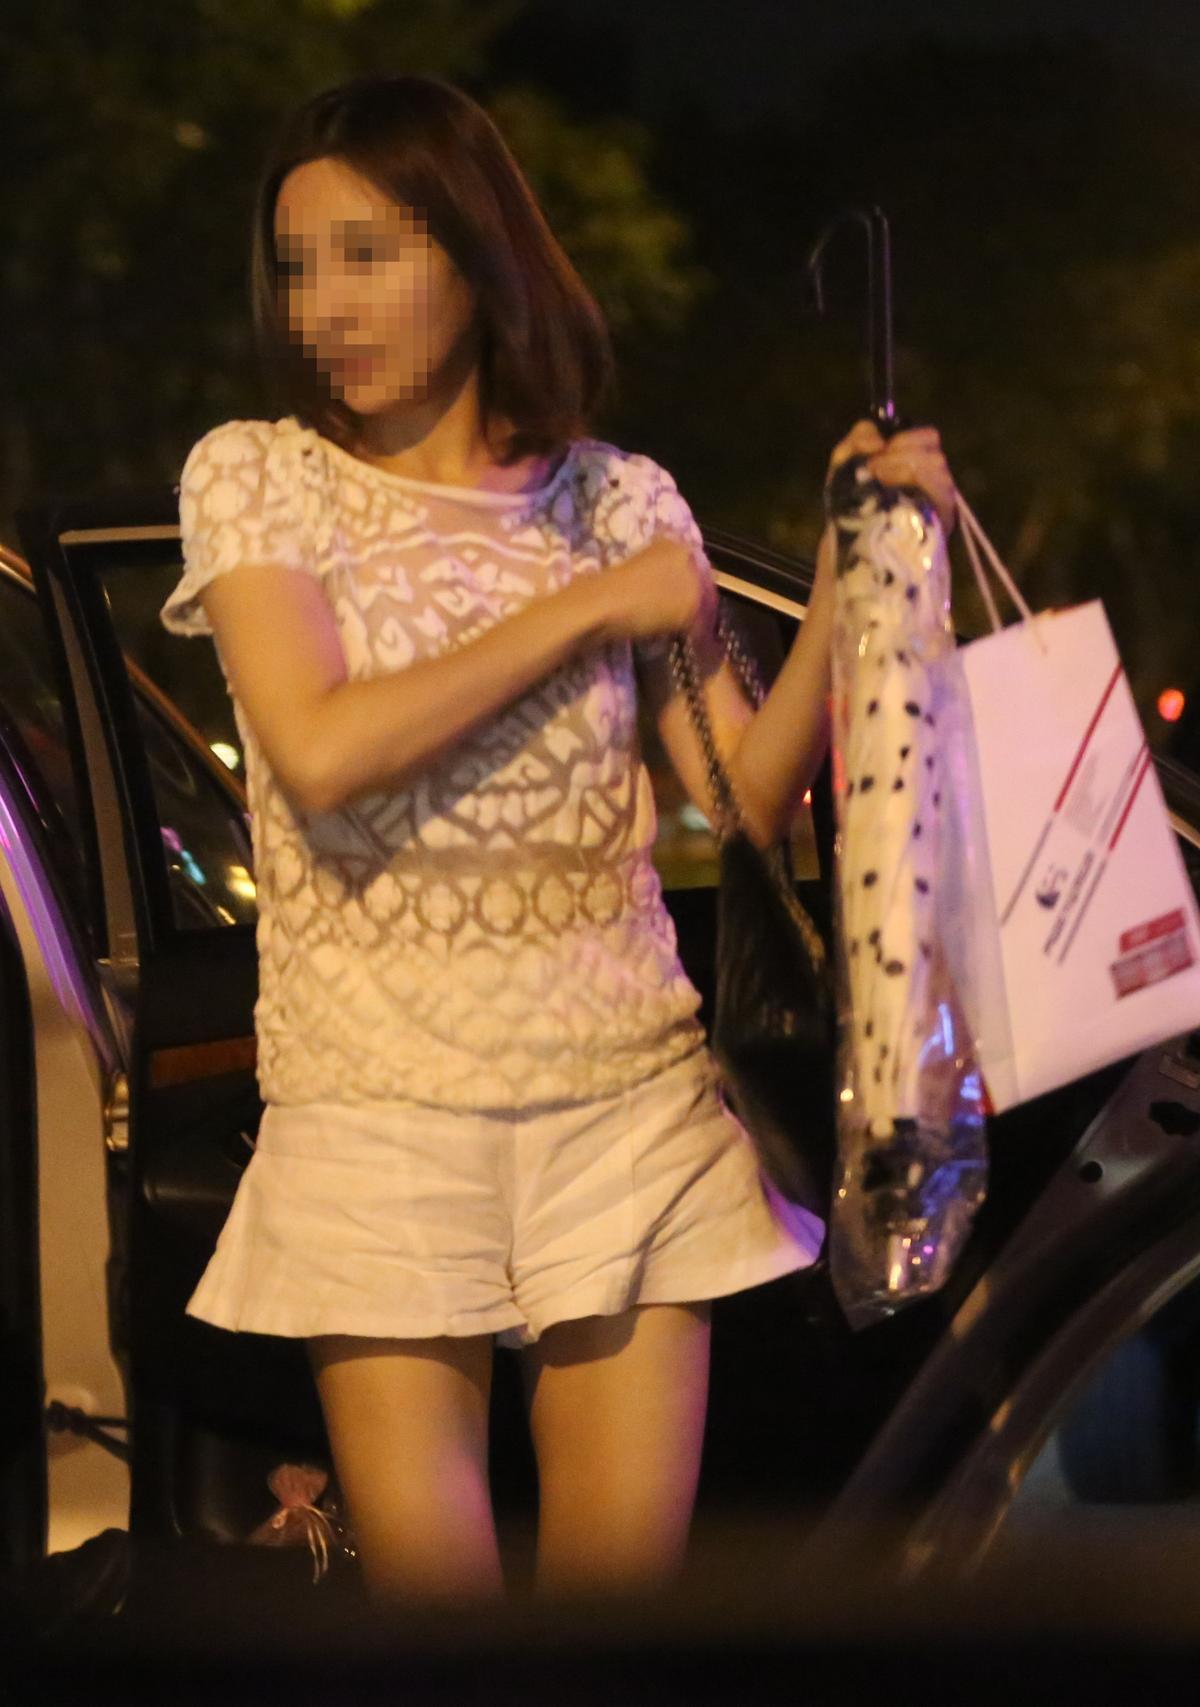 一名短裙正妹搭著計程車趕來陪酒上班,身材相當火辣。